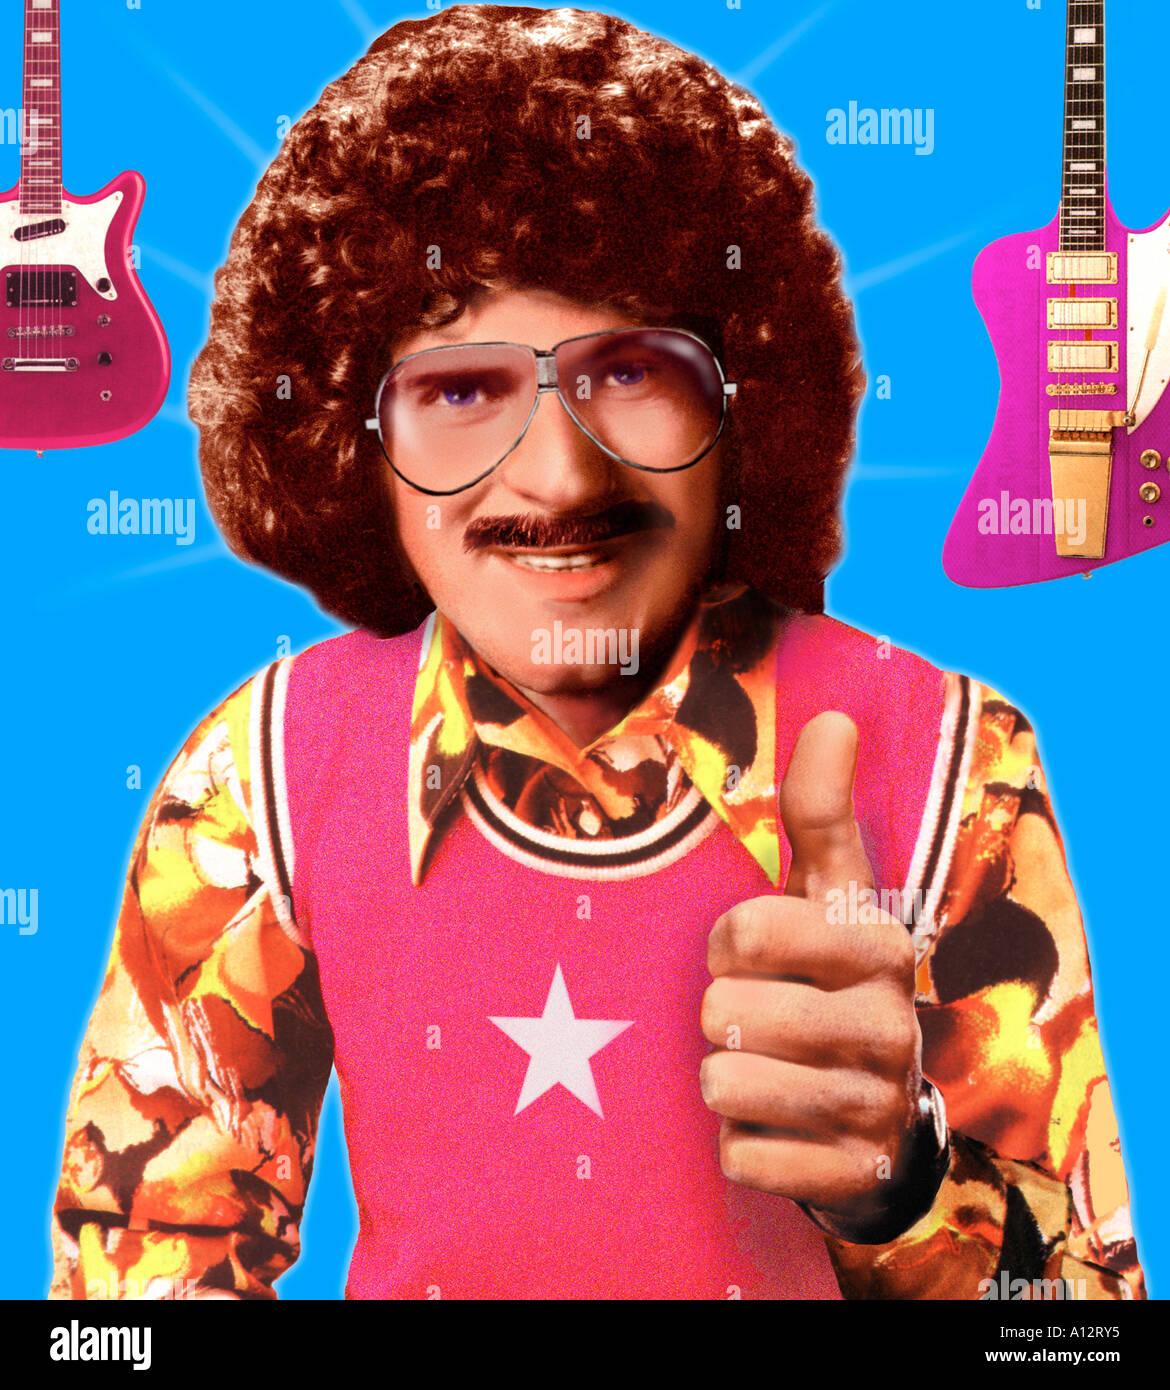 Derecha en Groovy 1970 Retro Dude Ilustración montage Imagen De Stock